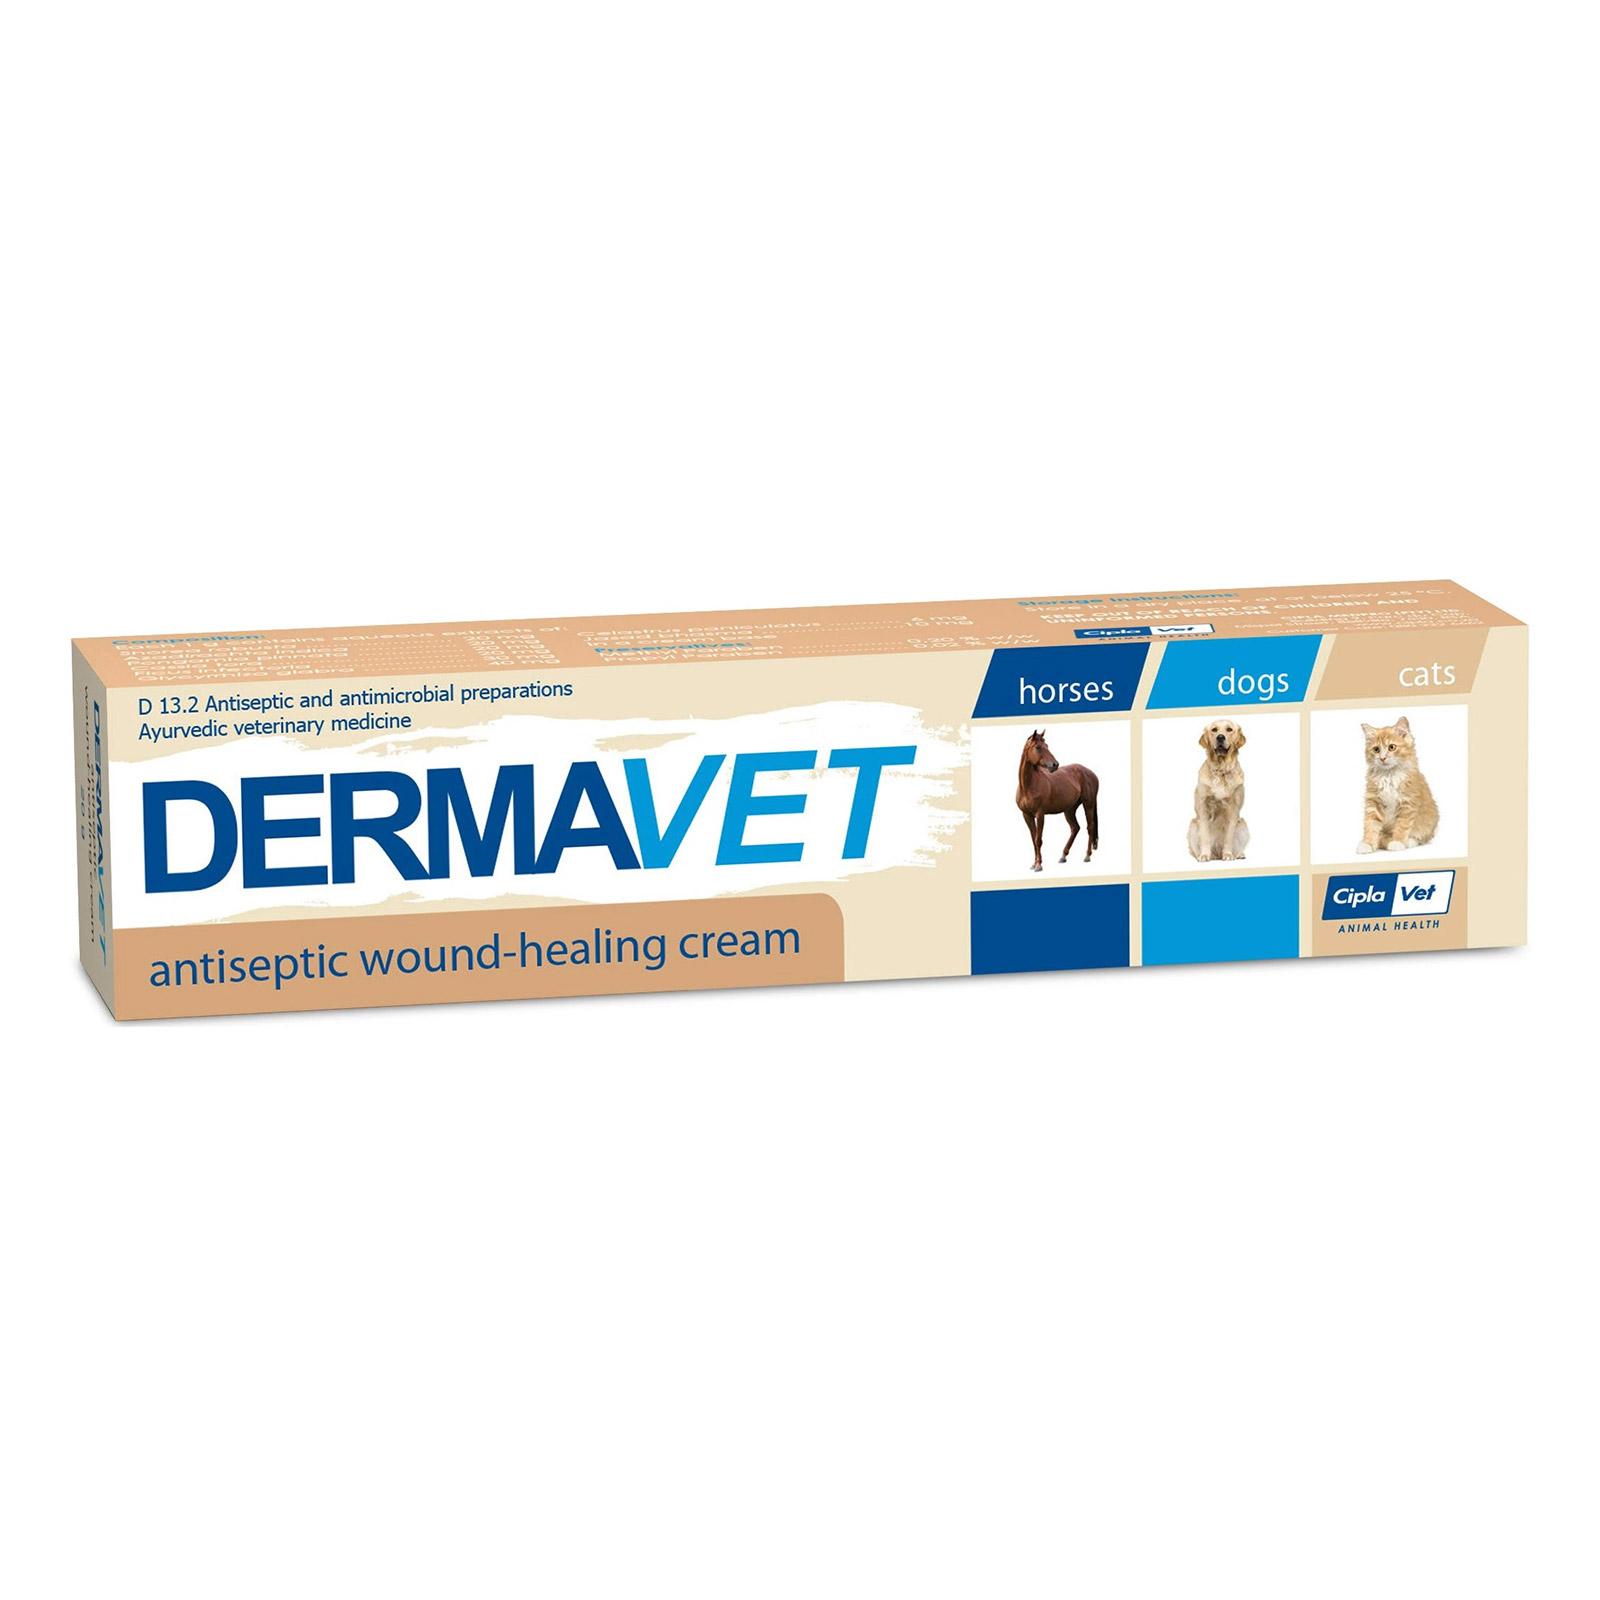 Buy Dermavet for Dogs